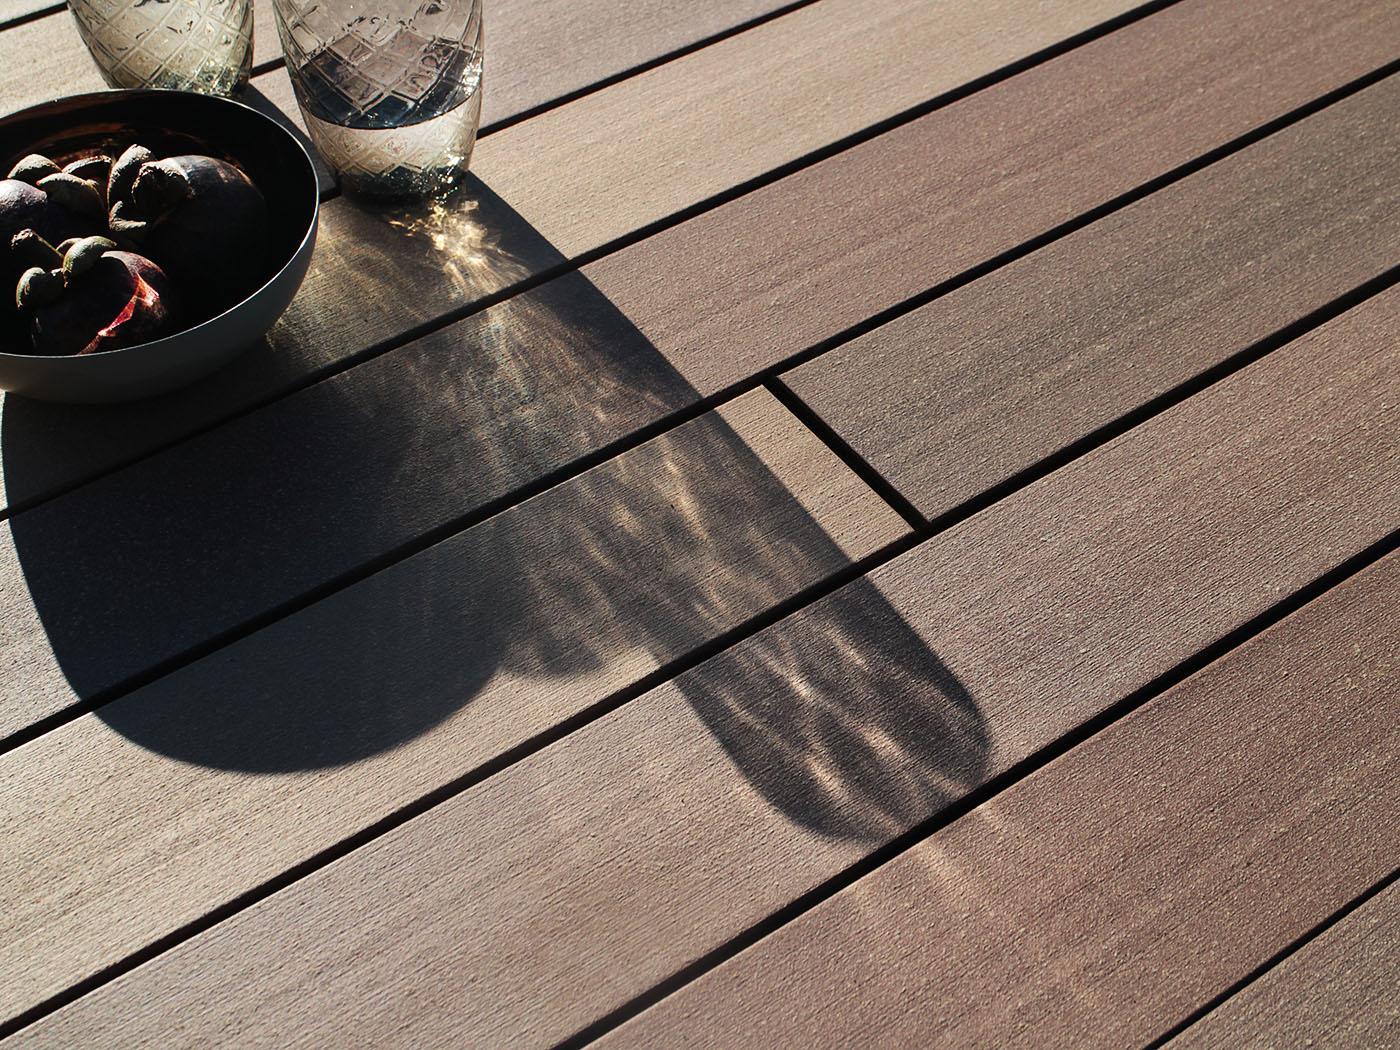 Geliebte Terrassendielen • Bilder & Ideen • COUCH @PA_18